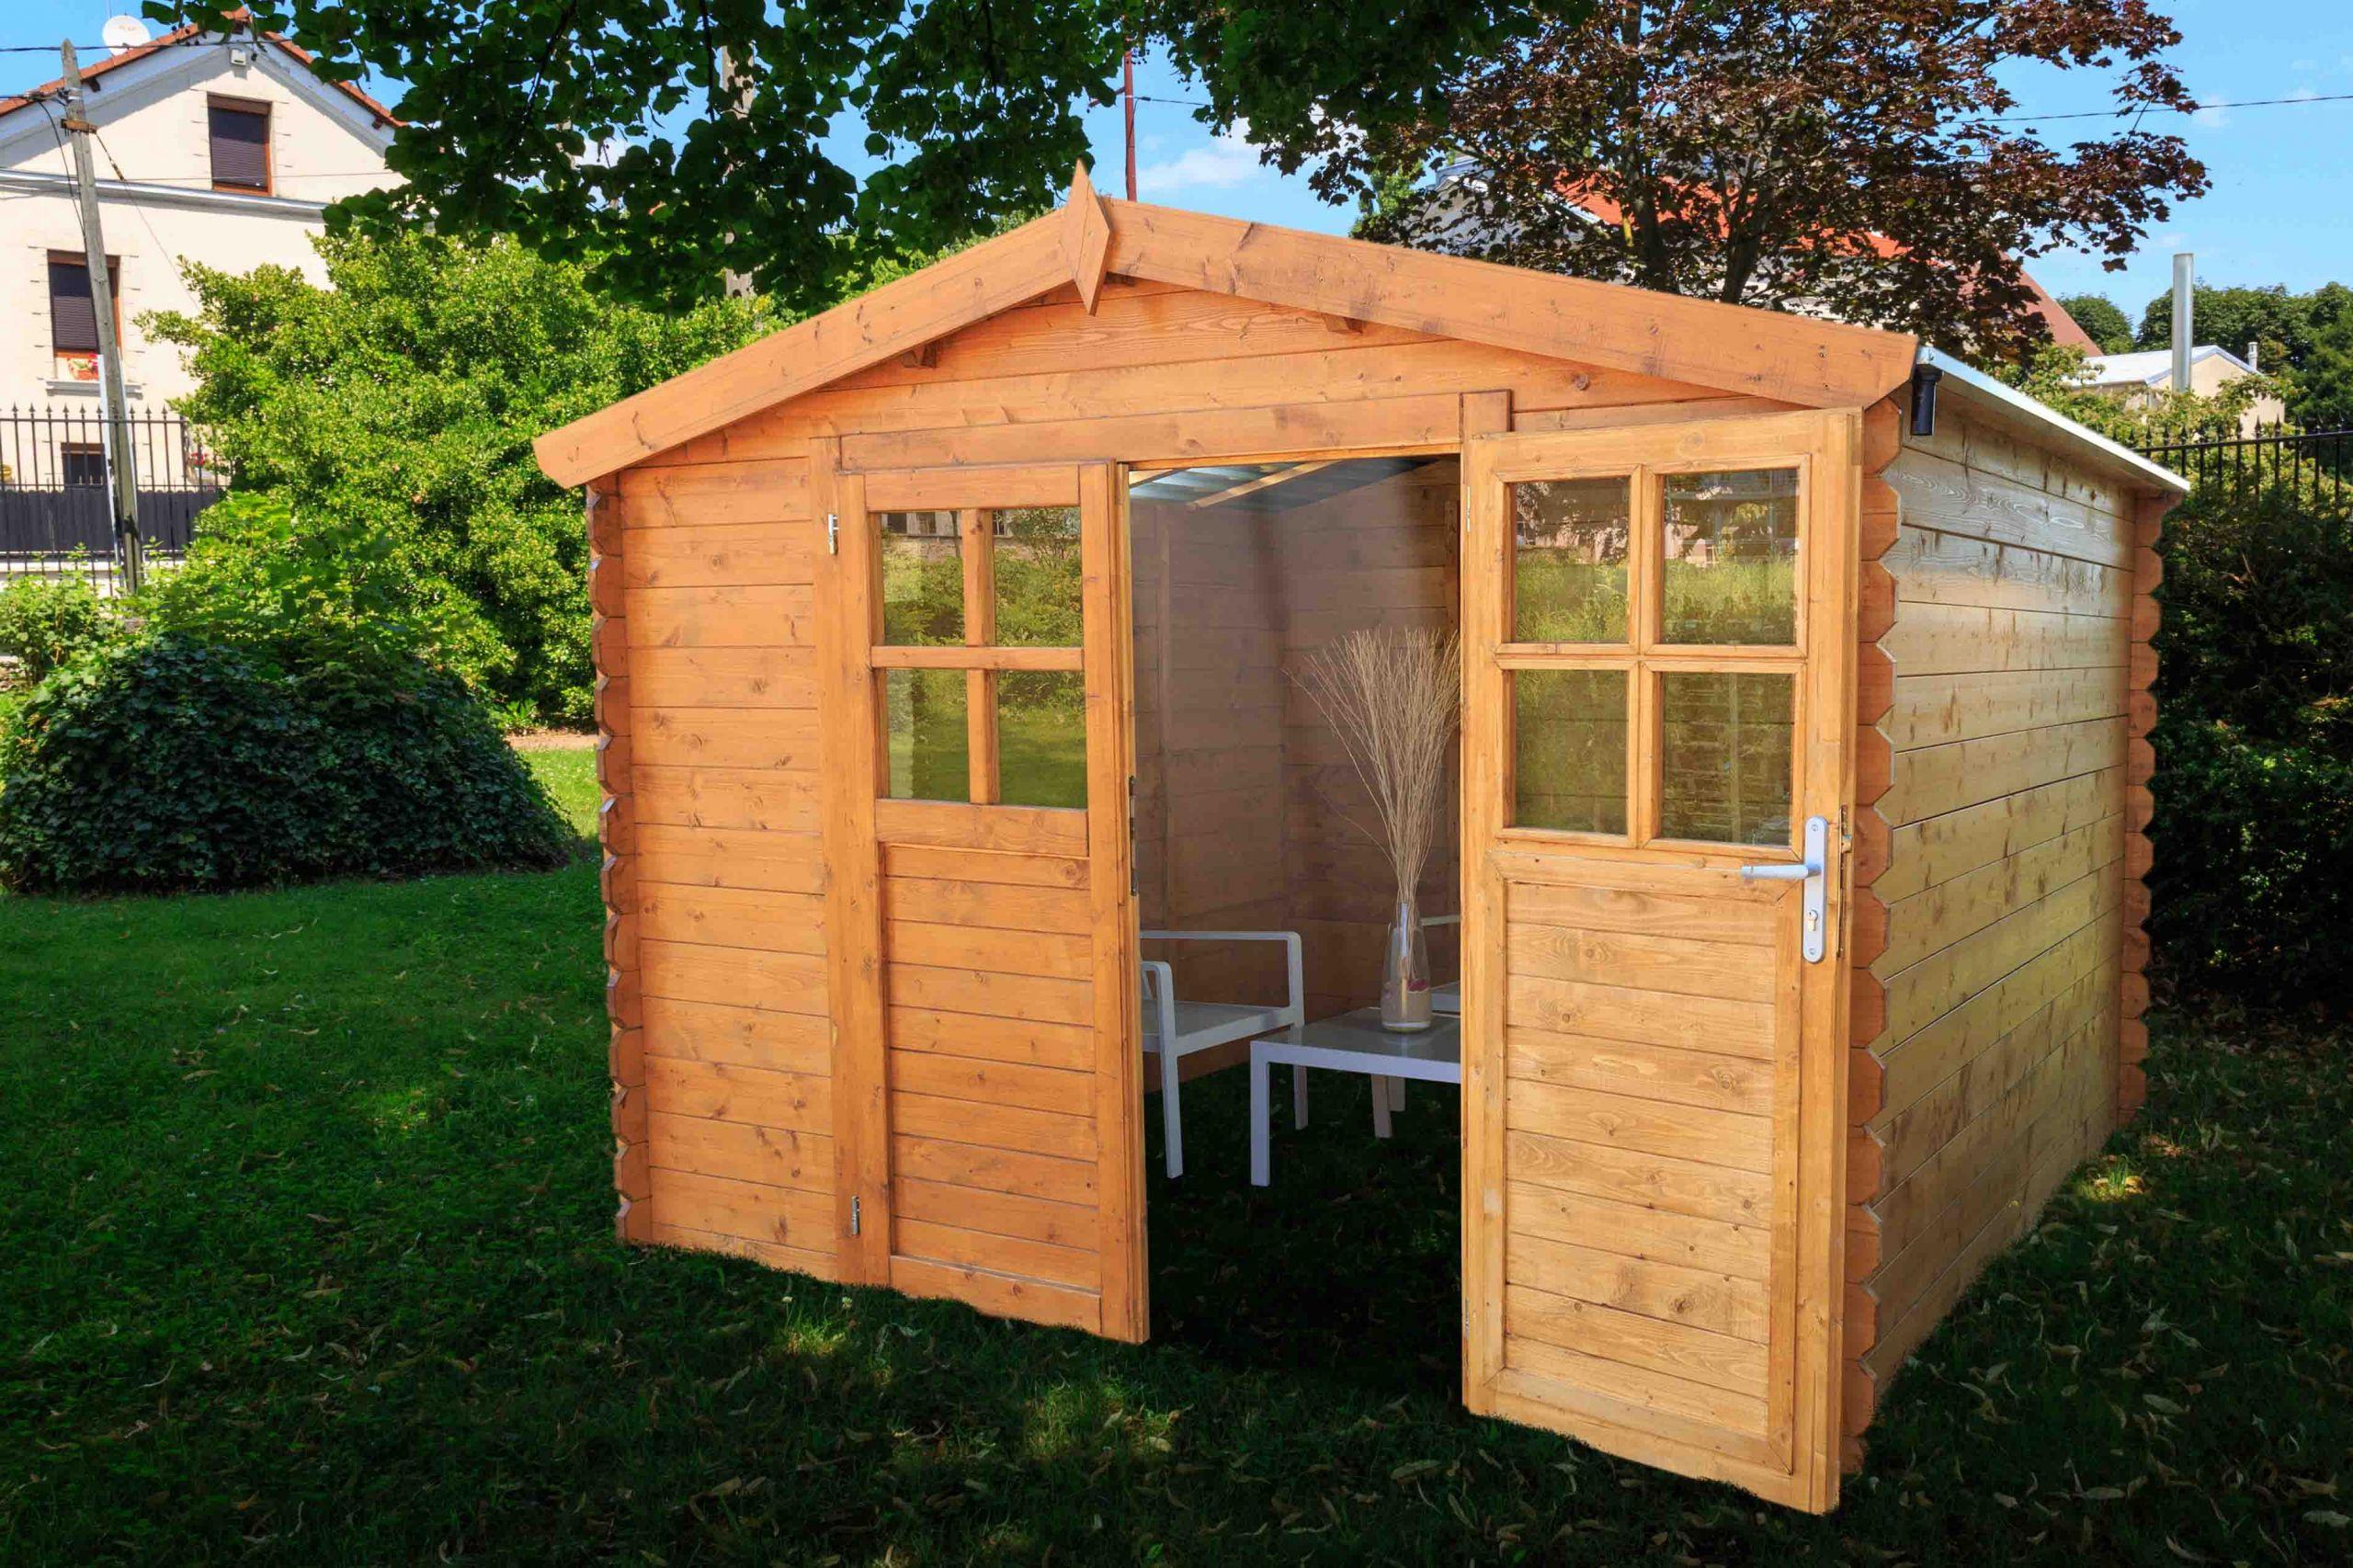 Abri de jardin en bois SOLEIL 3x3 avec toit transparent